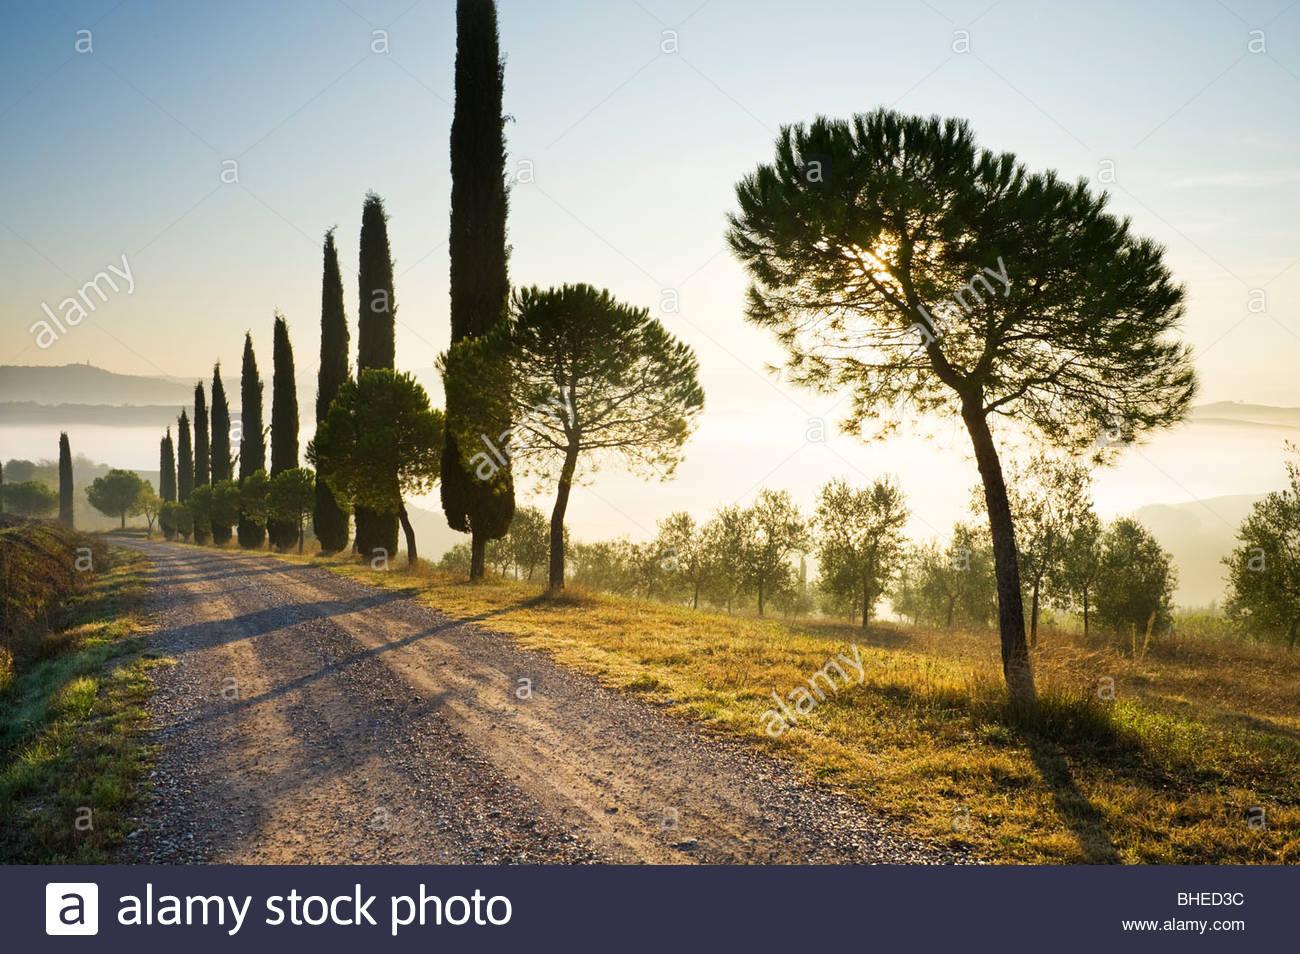 Strecke gesäumt von Zypressen, in der Nähe von San Quirico D'Orcia Val D'Orcia, Toskana, Italien. Stockbild